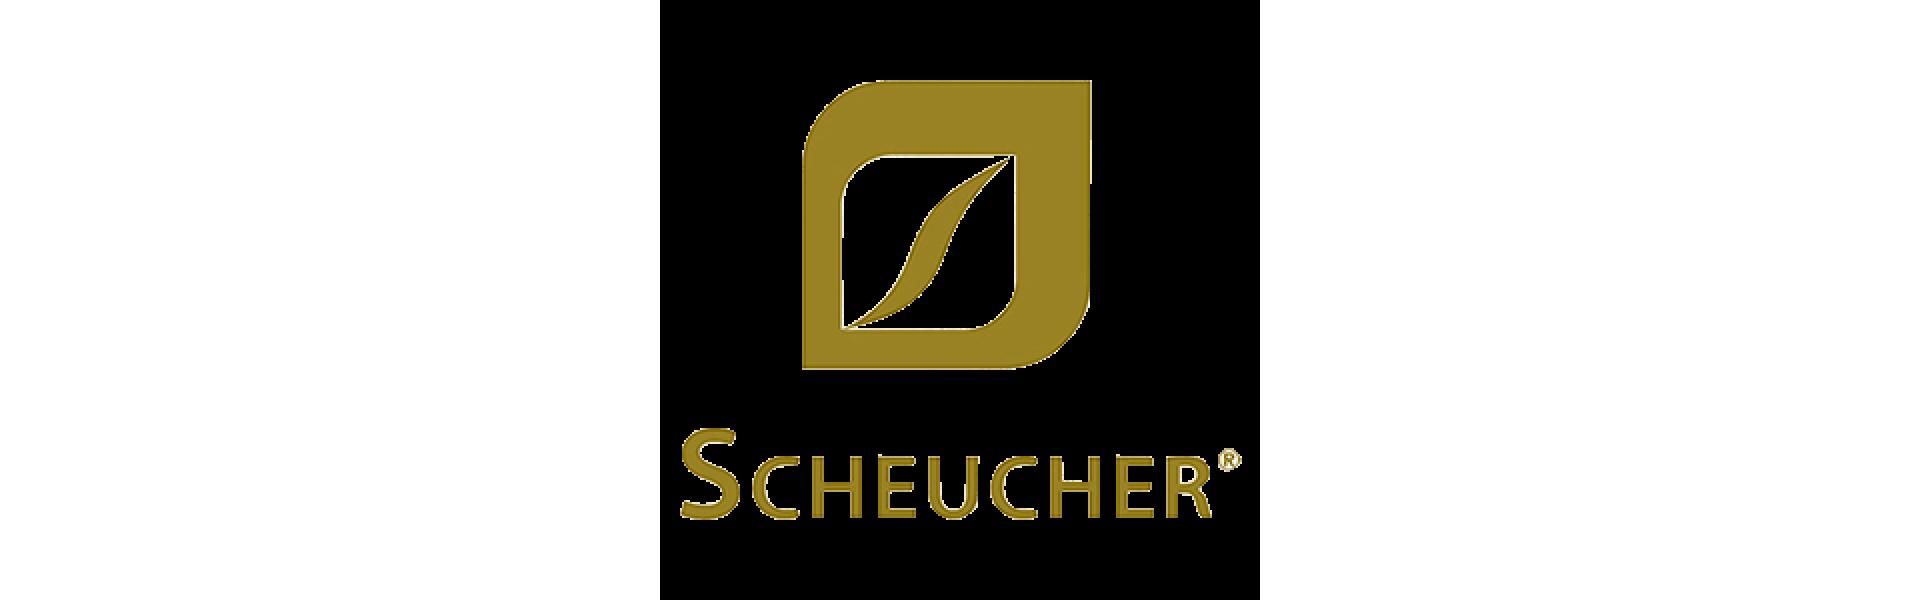 Scheucher - Австрийская паркетная доска © Parket-Home